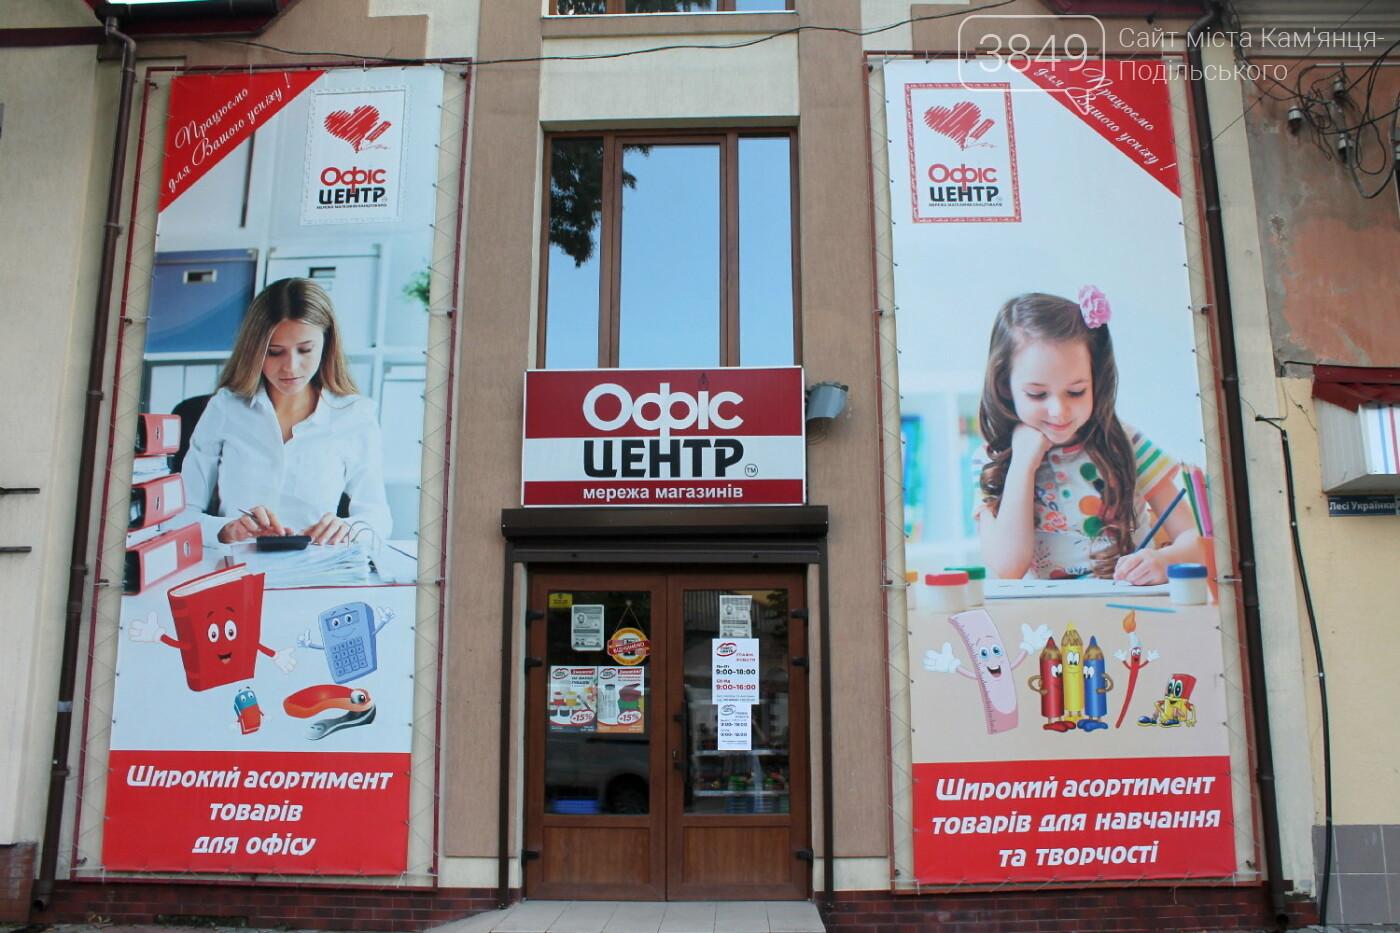 """""""Офіс Центр"""" запрошує на День народження, фото-44, Магазин по вул. Лесі Українки, 27Б"""